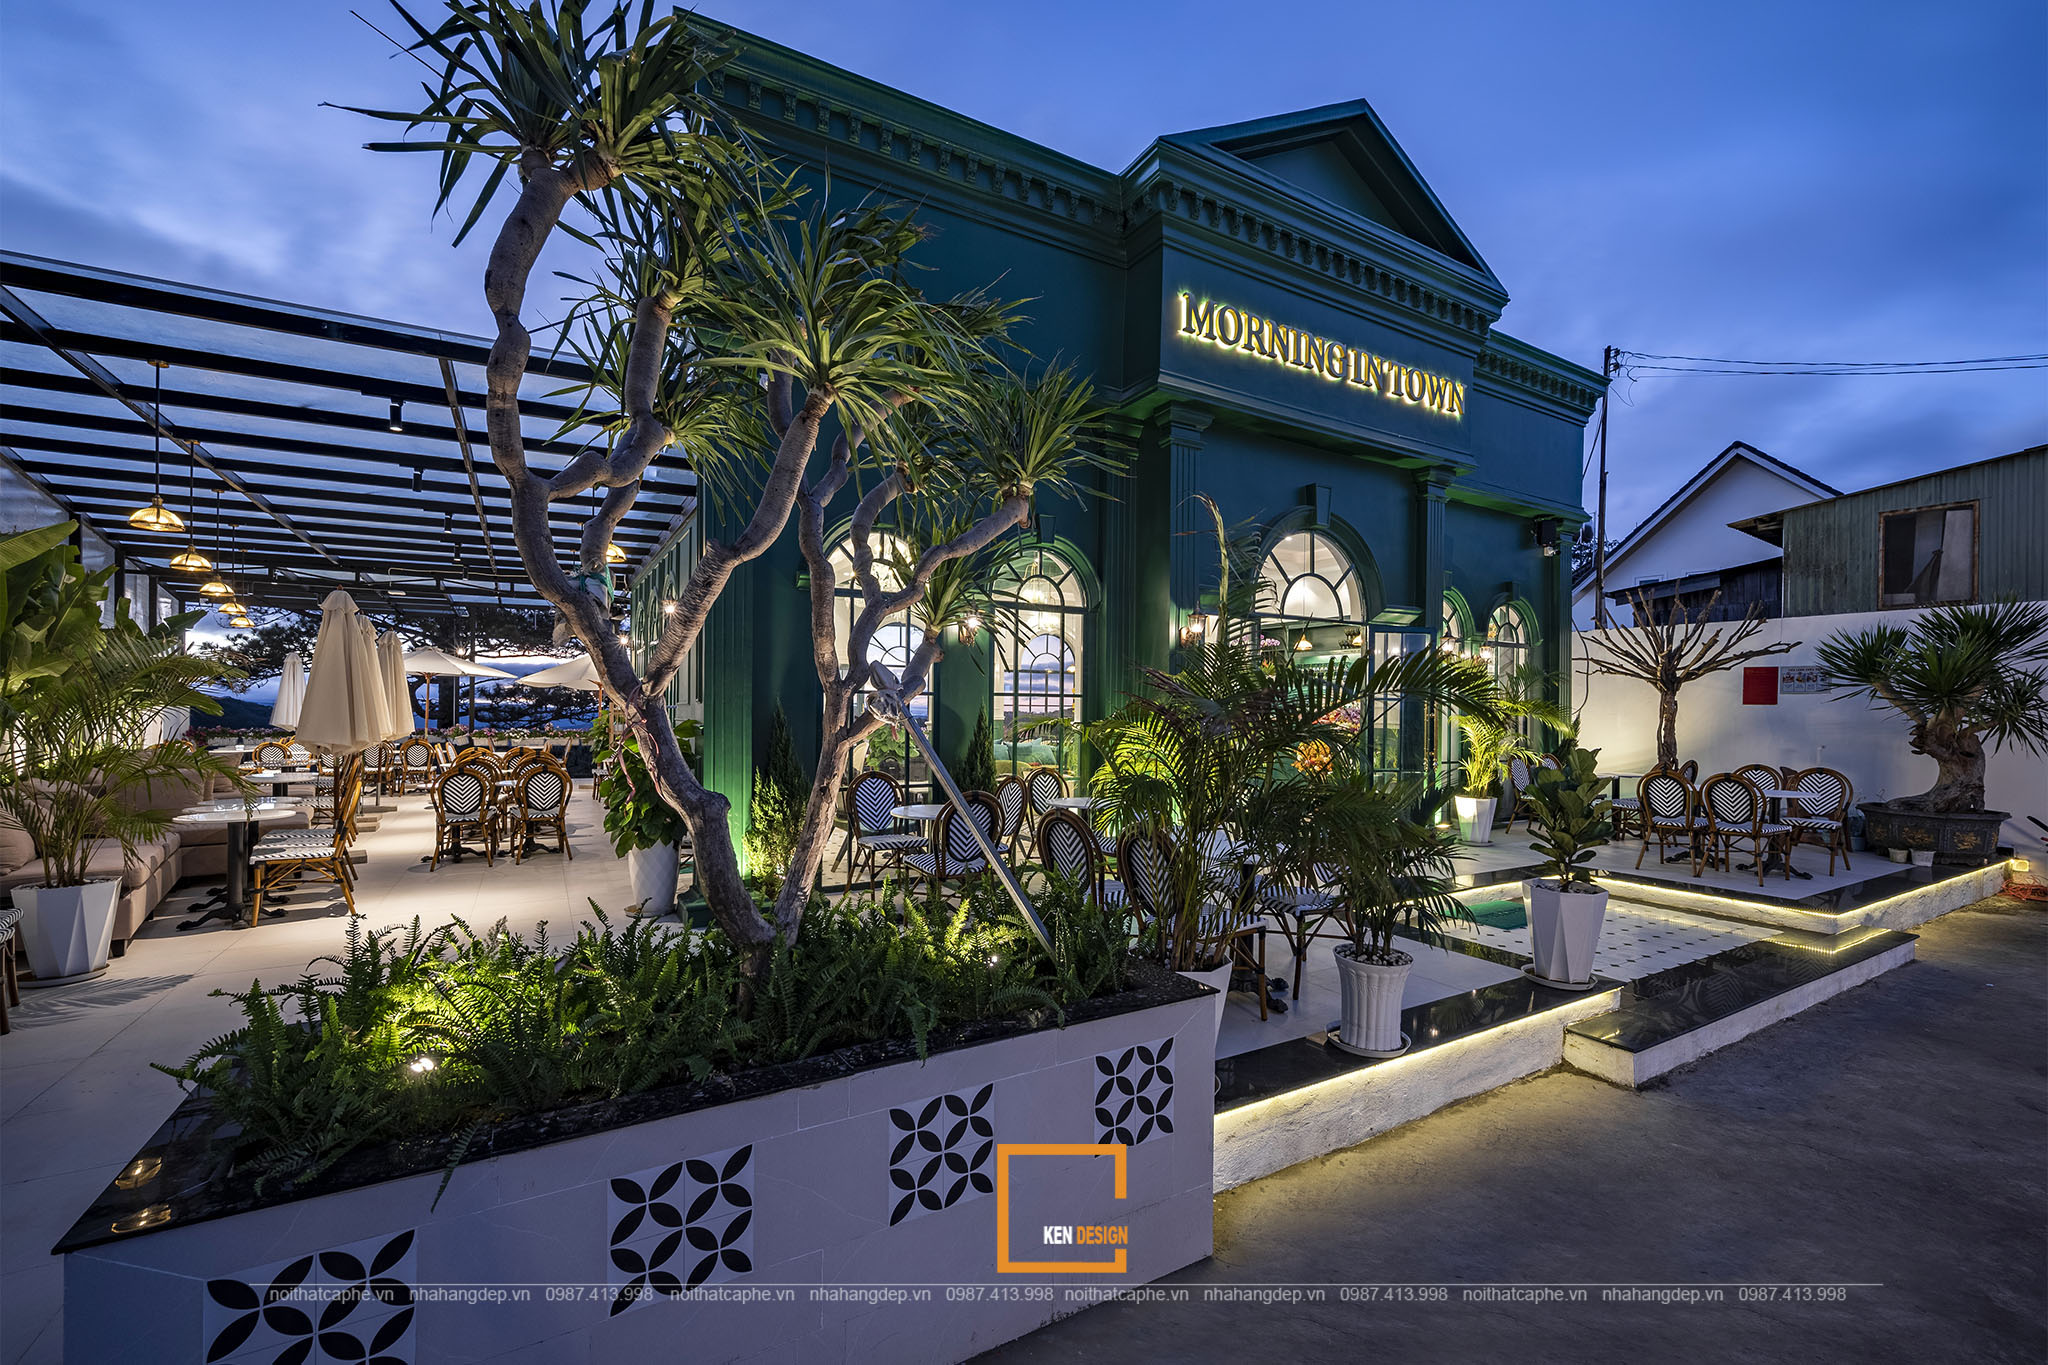 Dự án thiết kế quán café Morning in Town